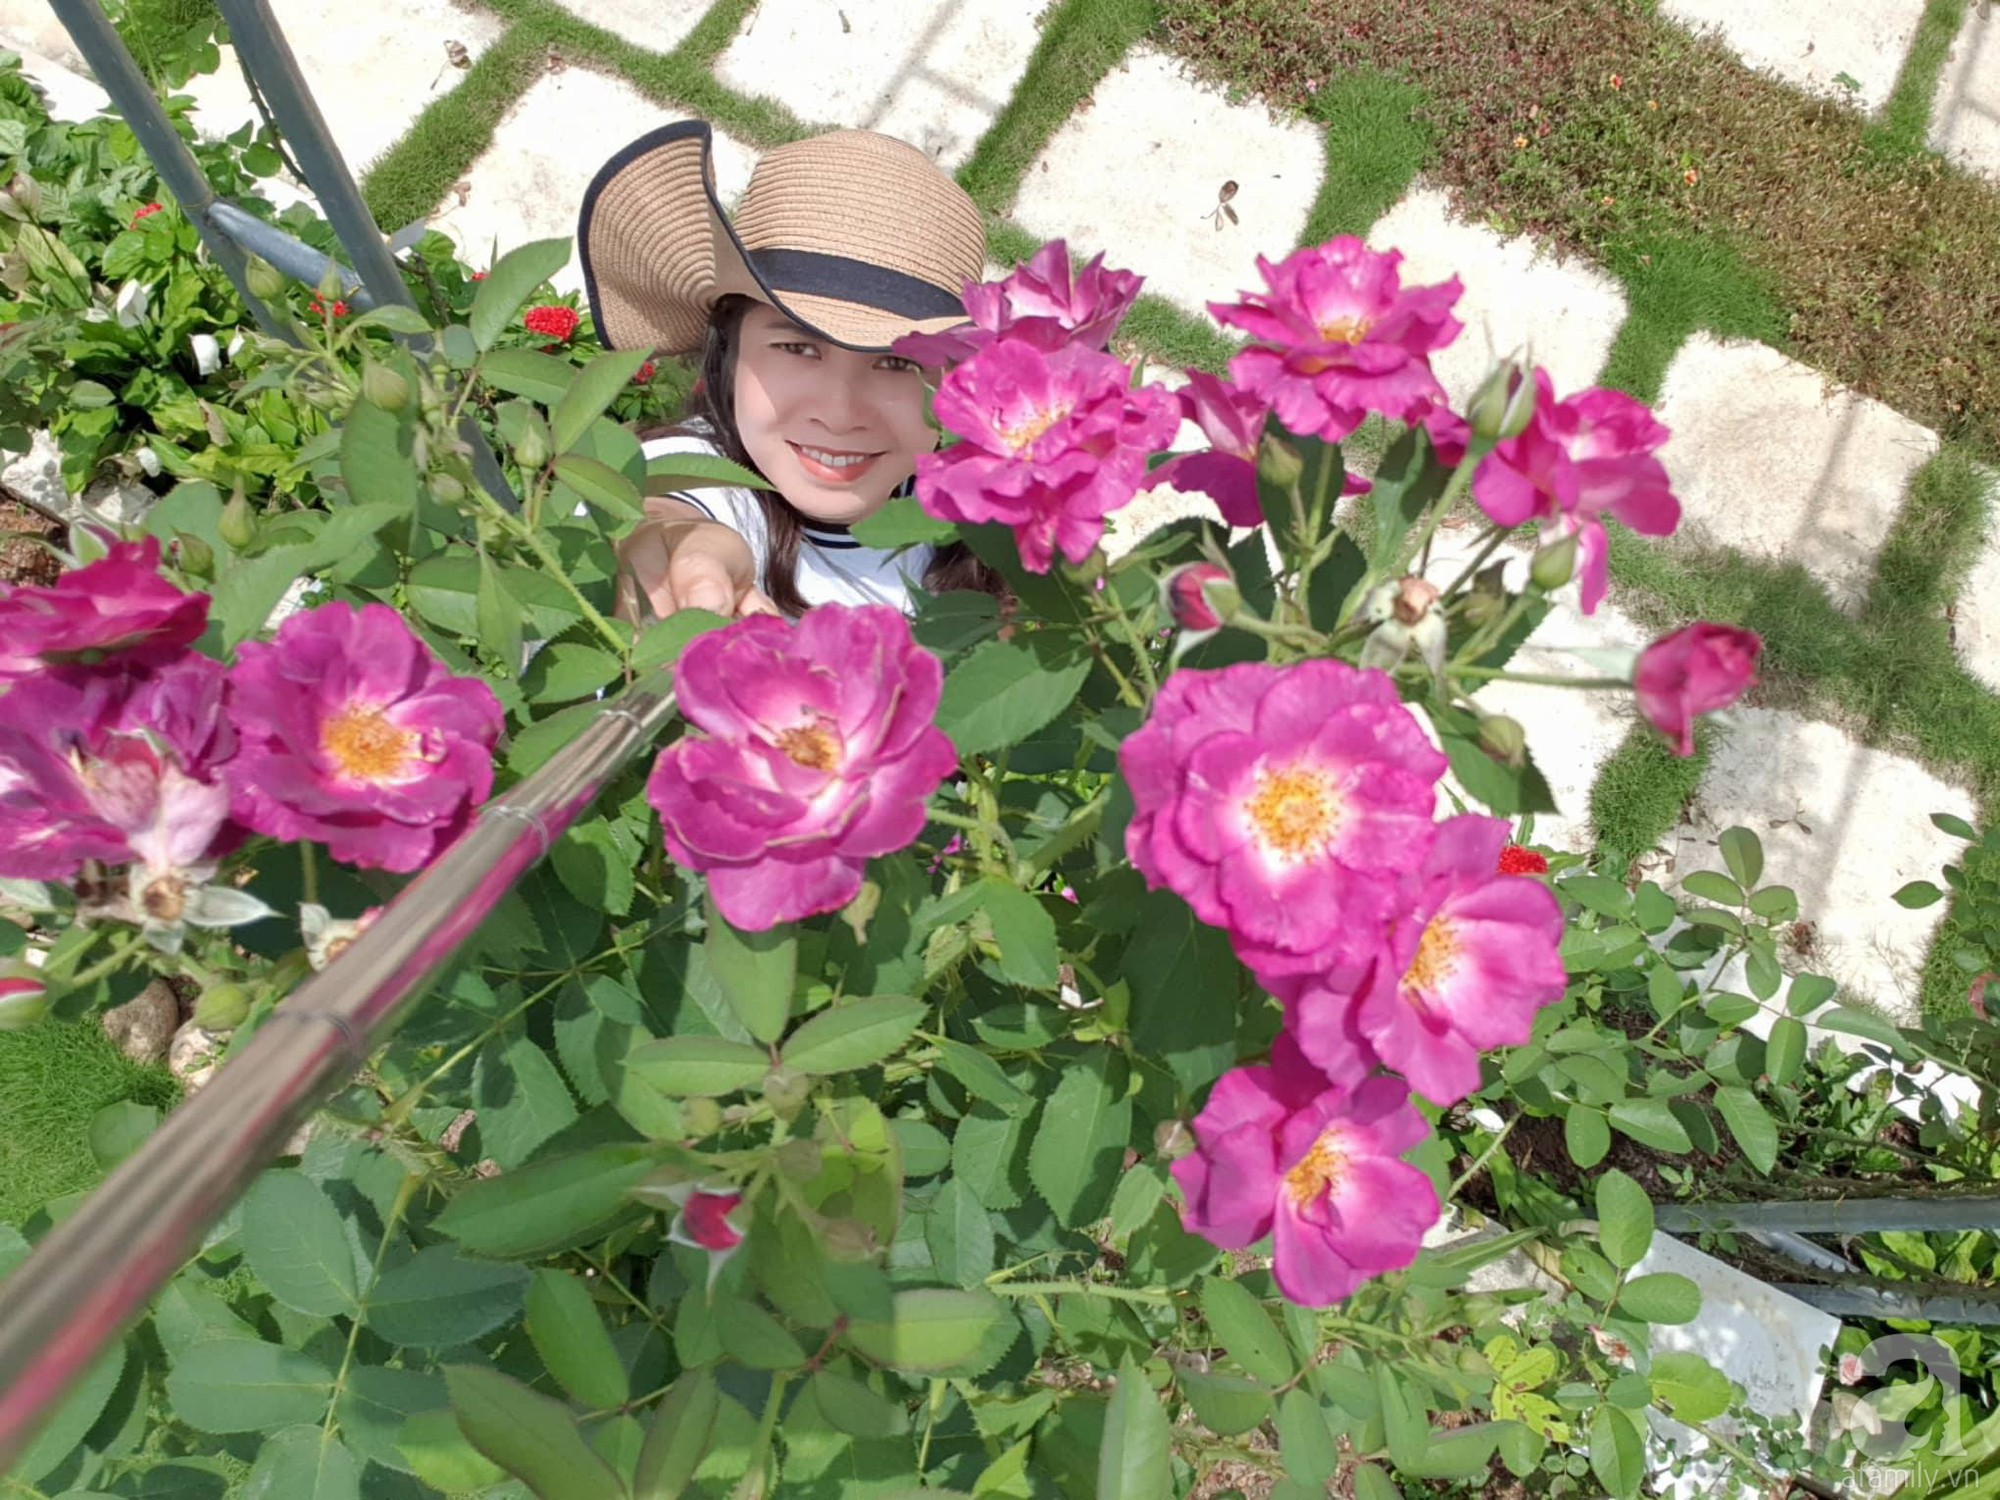 Ngôi nhà hoa hồng thơm ngát và rực rỡ với hàng trăm gốc hồng trên triền núi của cô giáo ở Cao Bằng - Ảnh 1.